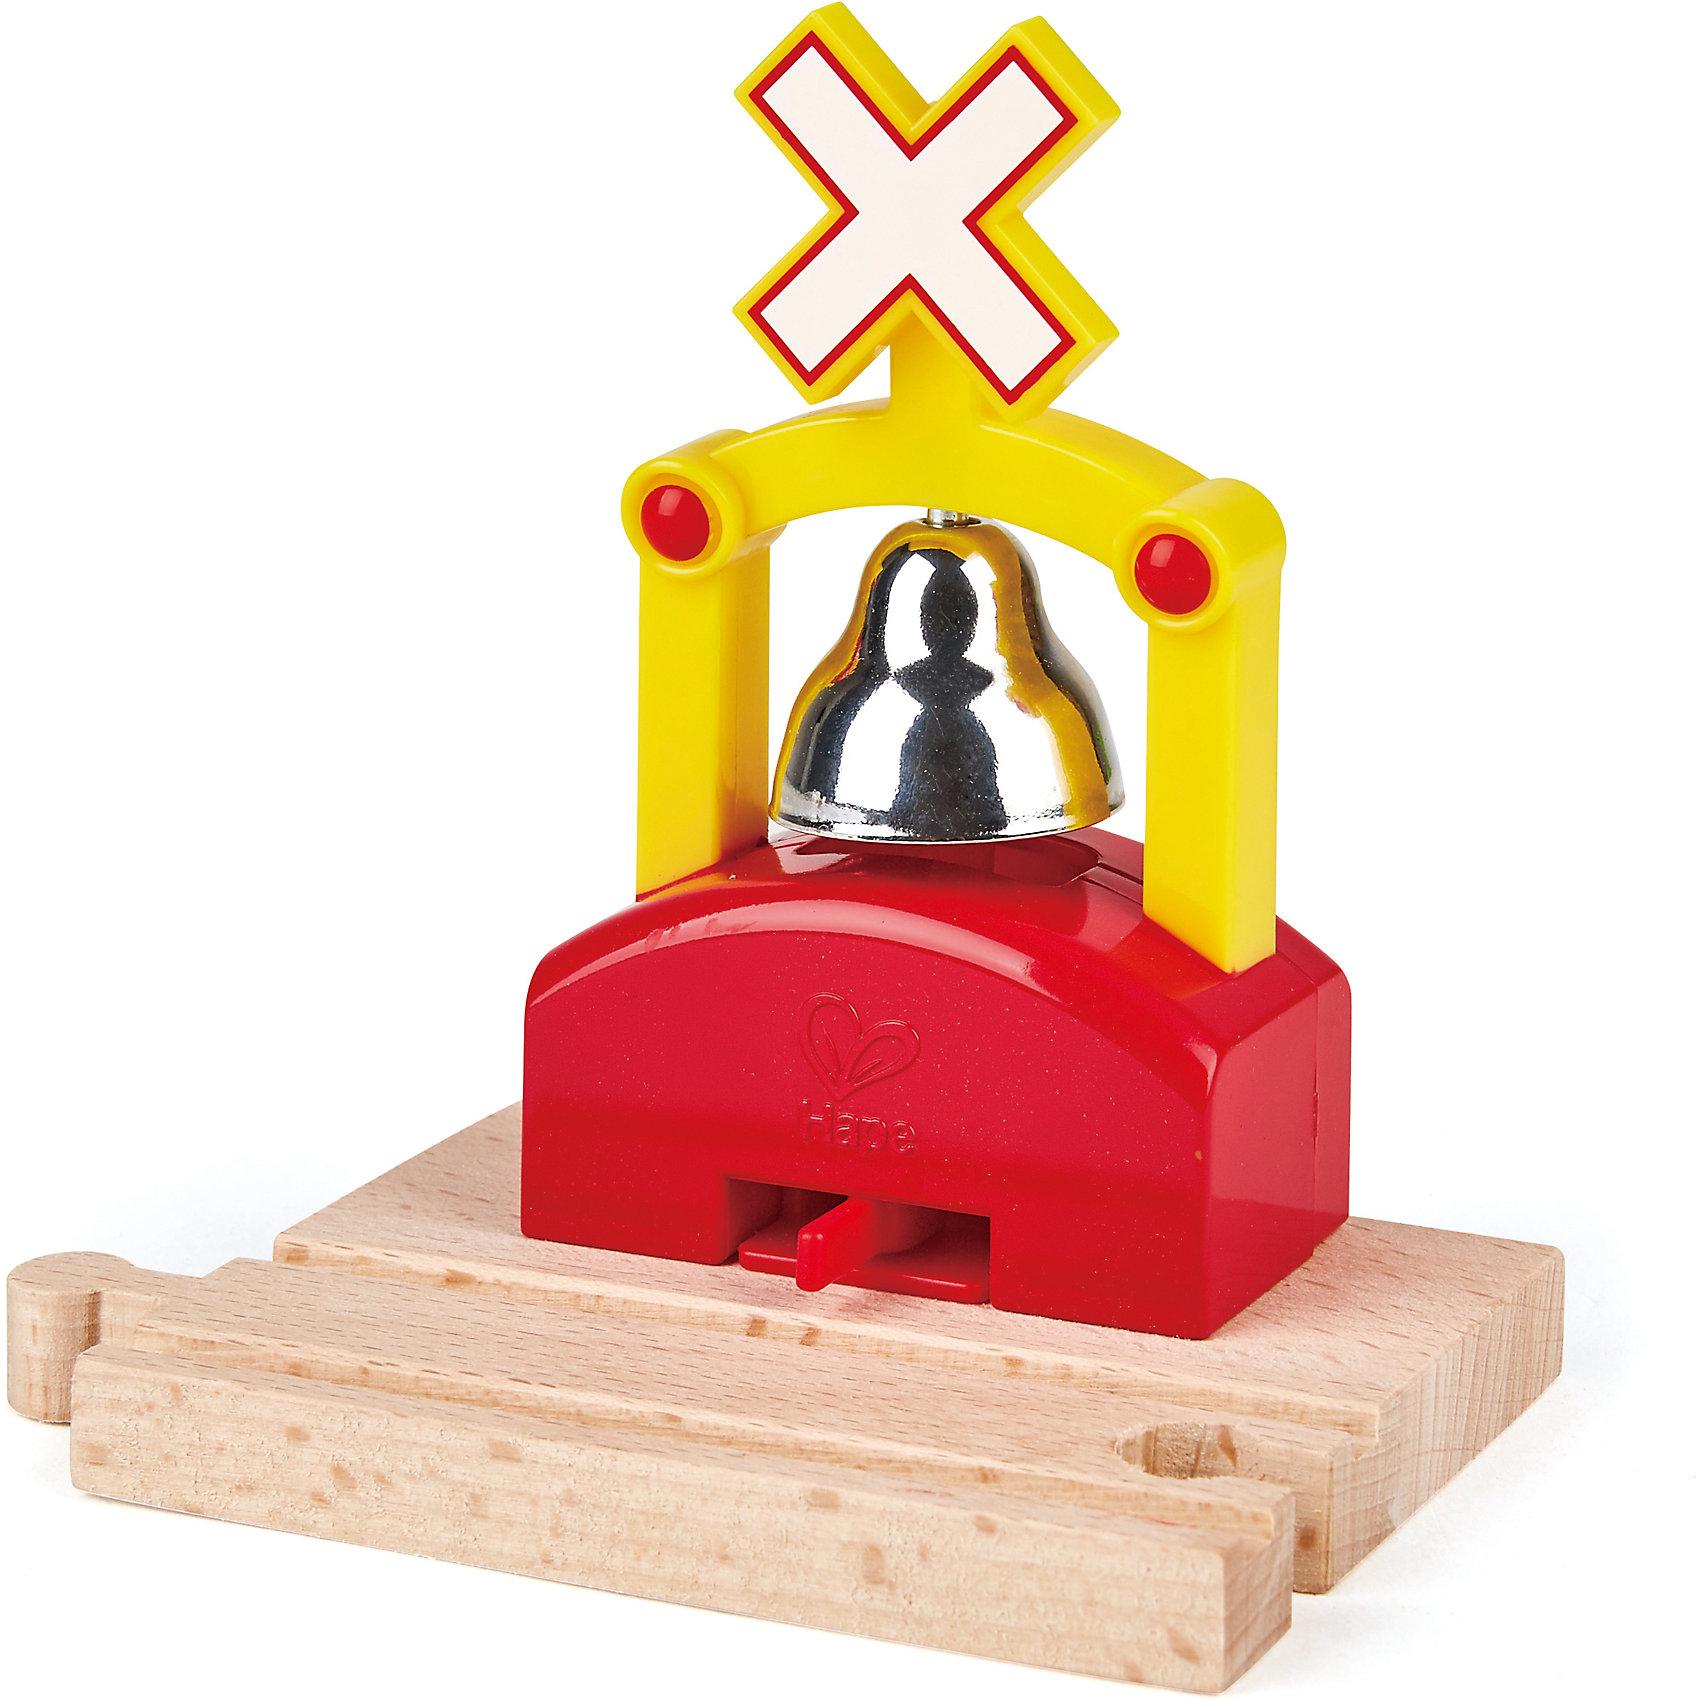 Дополнительный элемент Переезд, HapeИгрушечная железная дорога<br>Дополнительный элемент Переезд, Hape (Хейп).<br><br>Характеристики:<br><br>- Размер: 12,6х9х12,5 см.<br>- Материал: древесина<br><br>Дополнительный элемент переезд позволит значительно улучшить конфигурацию деревянной железной дороги от Hape (Хейп). Он легко присоединяется к любой железной дороге Hape (E3700, E3712, E3713). При пересечении железнодорожным составом переезда раздается предупреждающий сигнал. Дополнительный элемент Переезд изготовлен из отлично отшлифованного, натурального дерева, окрашенного нетоксичной краской.<br><br>Дополнительный элемент Переезд, Hape (Хейп) можно купить в нашем интернет-магазине.<br><br>Ширина мм: 90<br>Глубина мм: 140<br>Высота мм: 240<br>Вес г: 300<br>Возраст от месяцев: 36<br>Возраст до месяцев: 84<br>Пол: Мужской<br>Возраст: Детский<br>SKU: 5309157